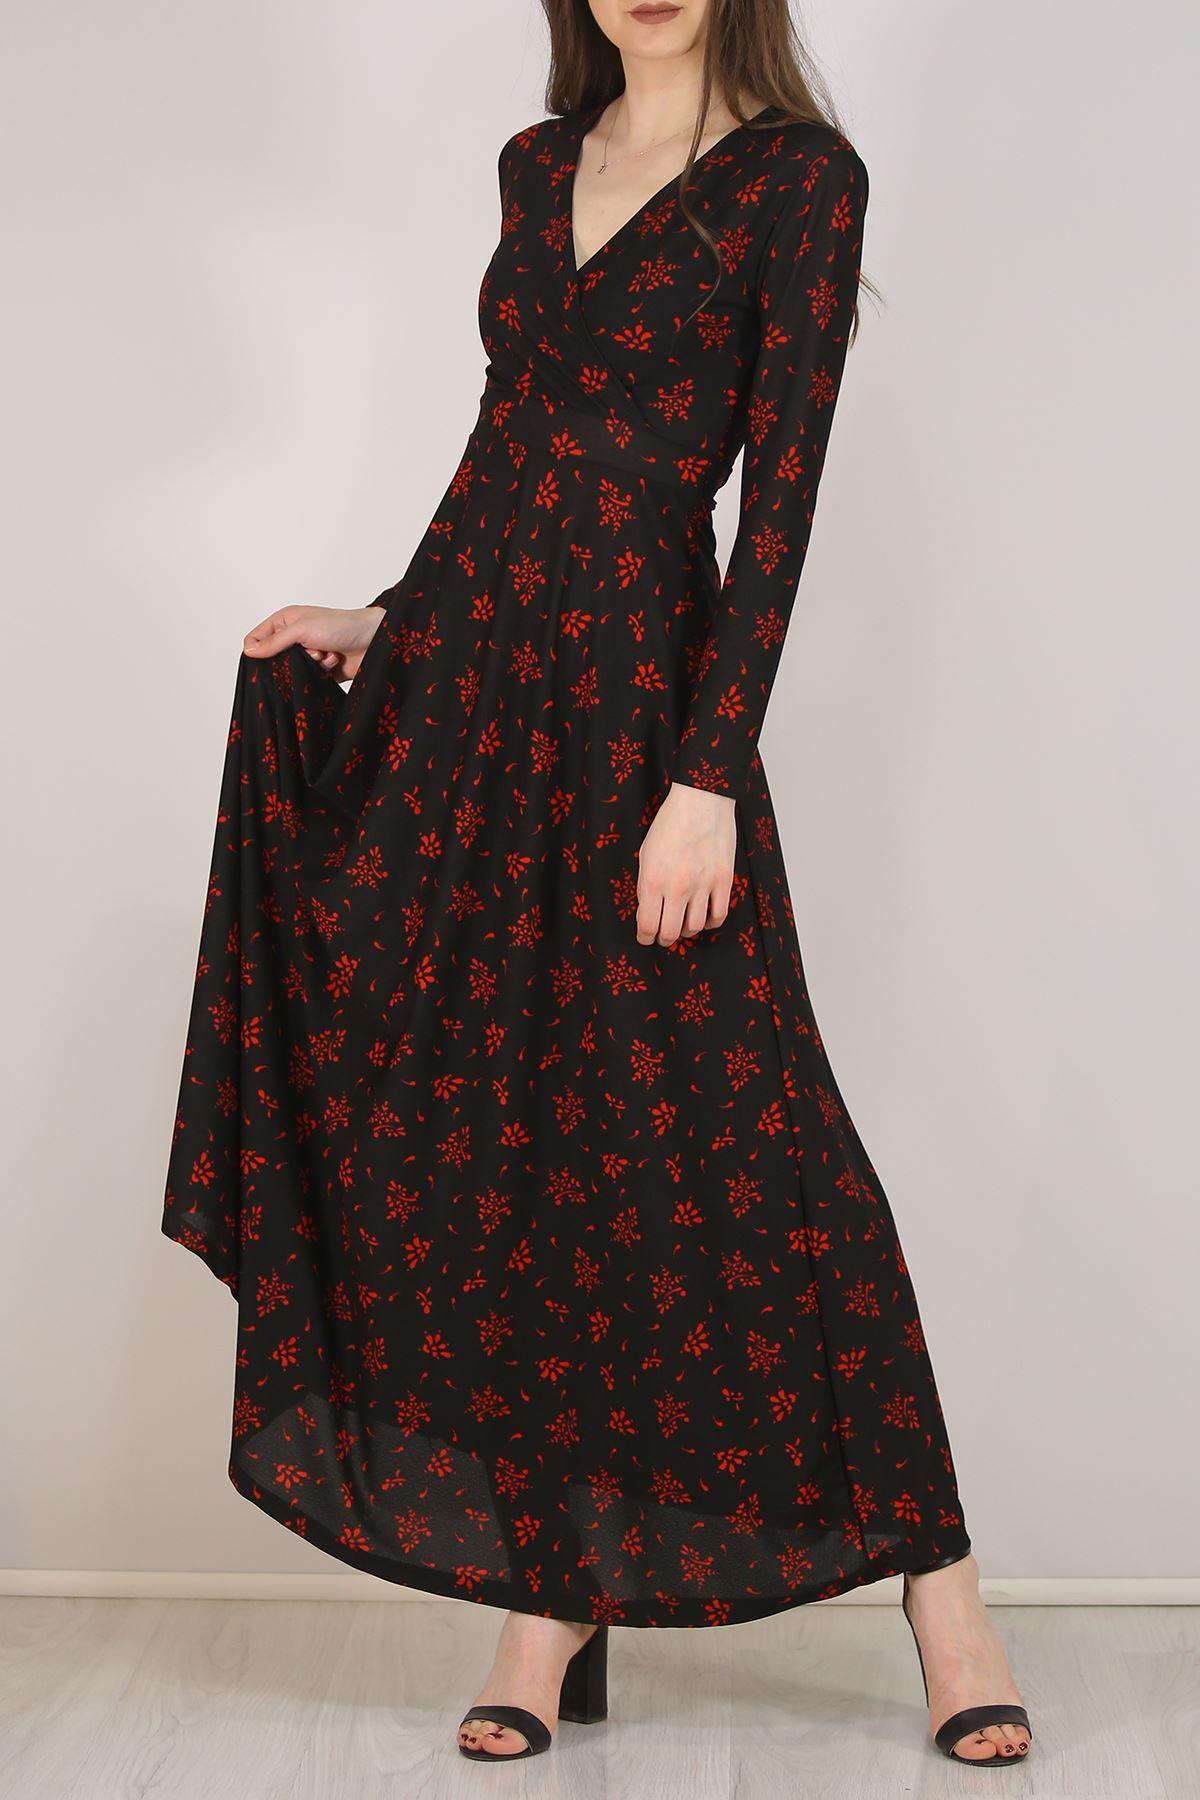 Çiçekli Elbise Kırmızısiyah - 4987.716.